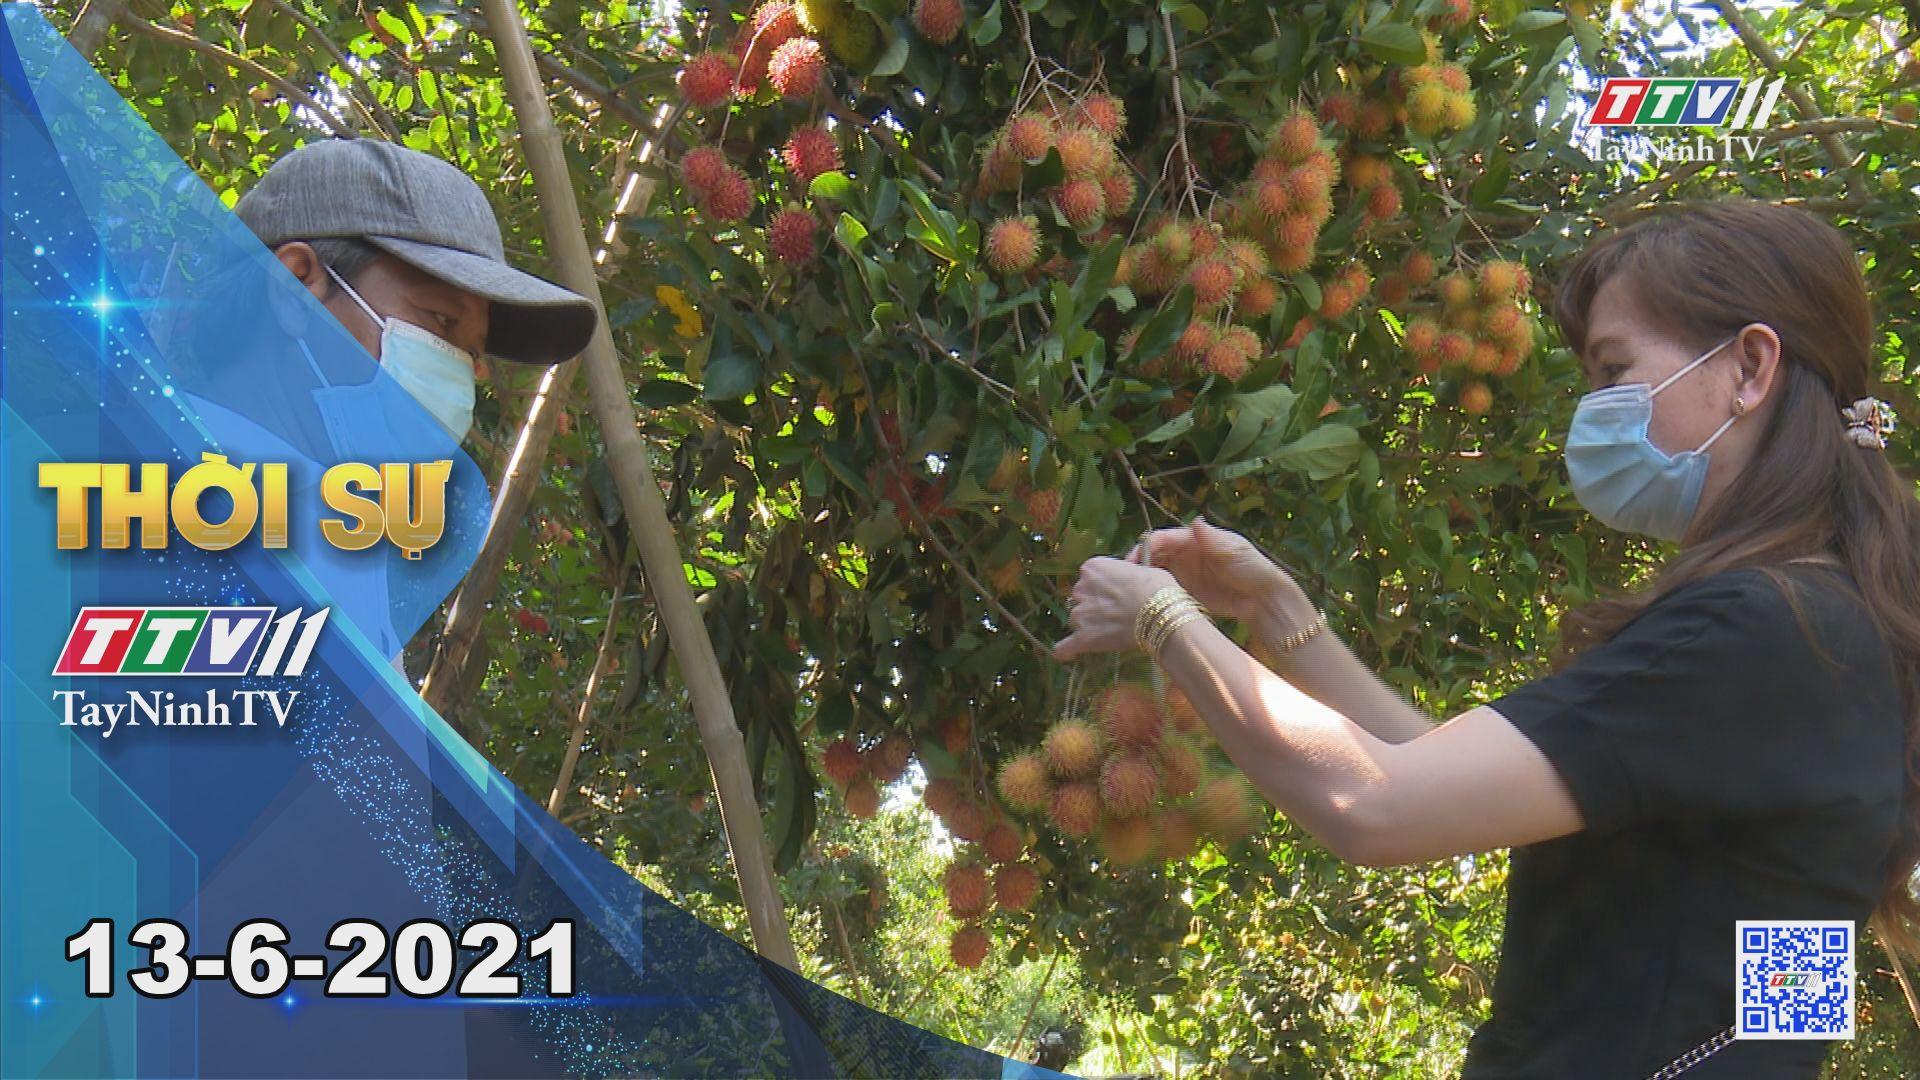 Thời sự Tây Ninh 13-6-2021 | Tin tức hôm nay | TayNinhTV